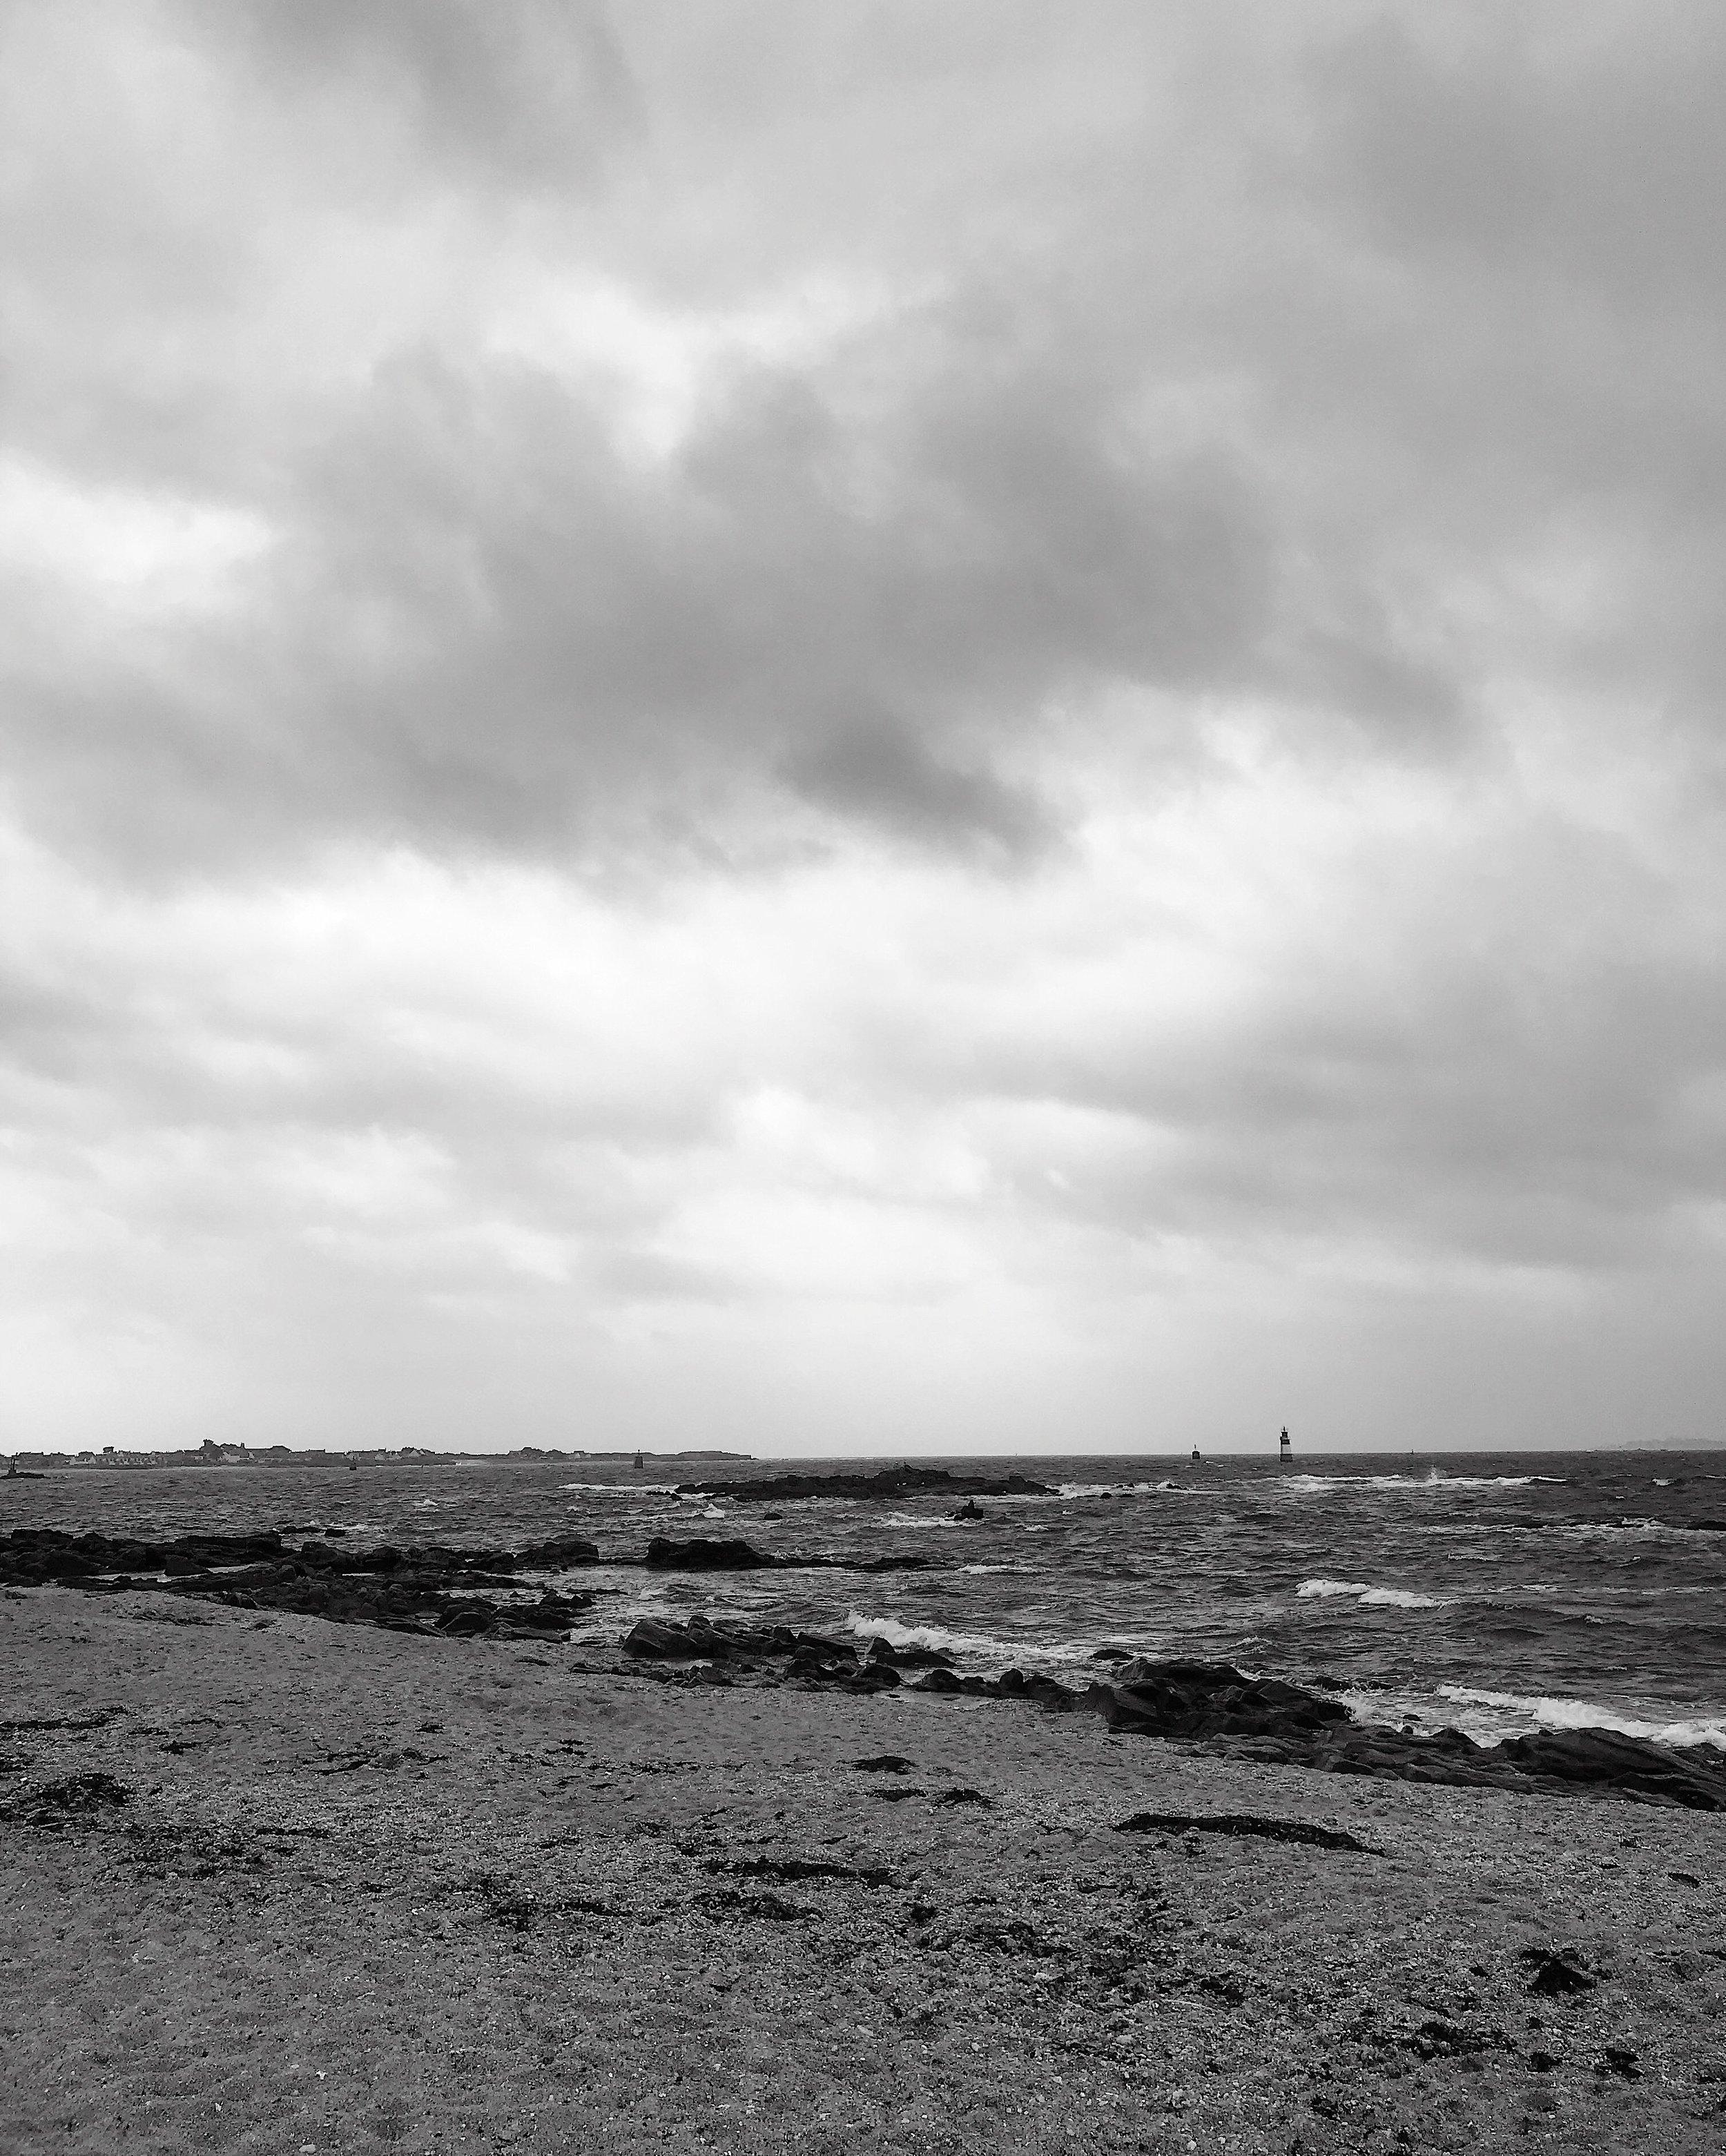 Storm, Port Louis